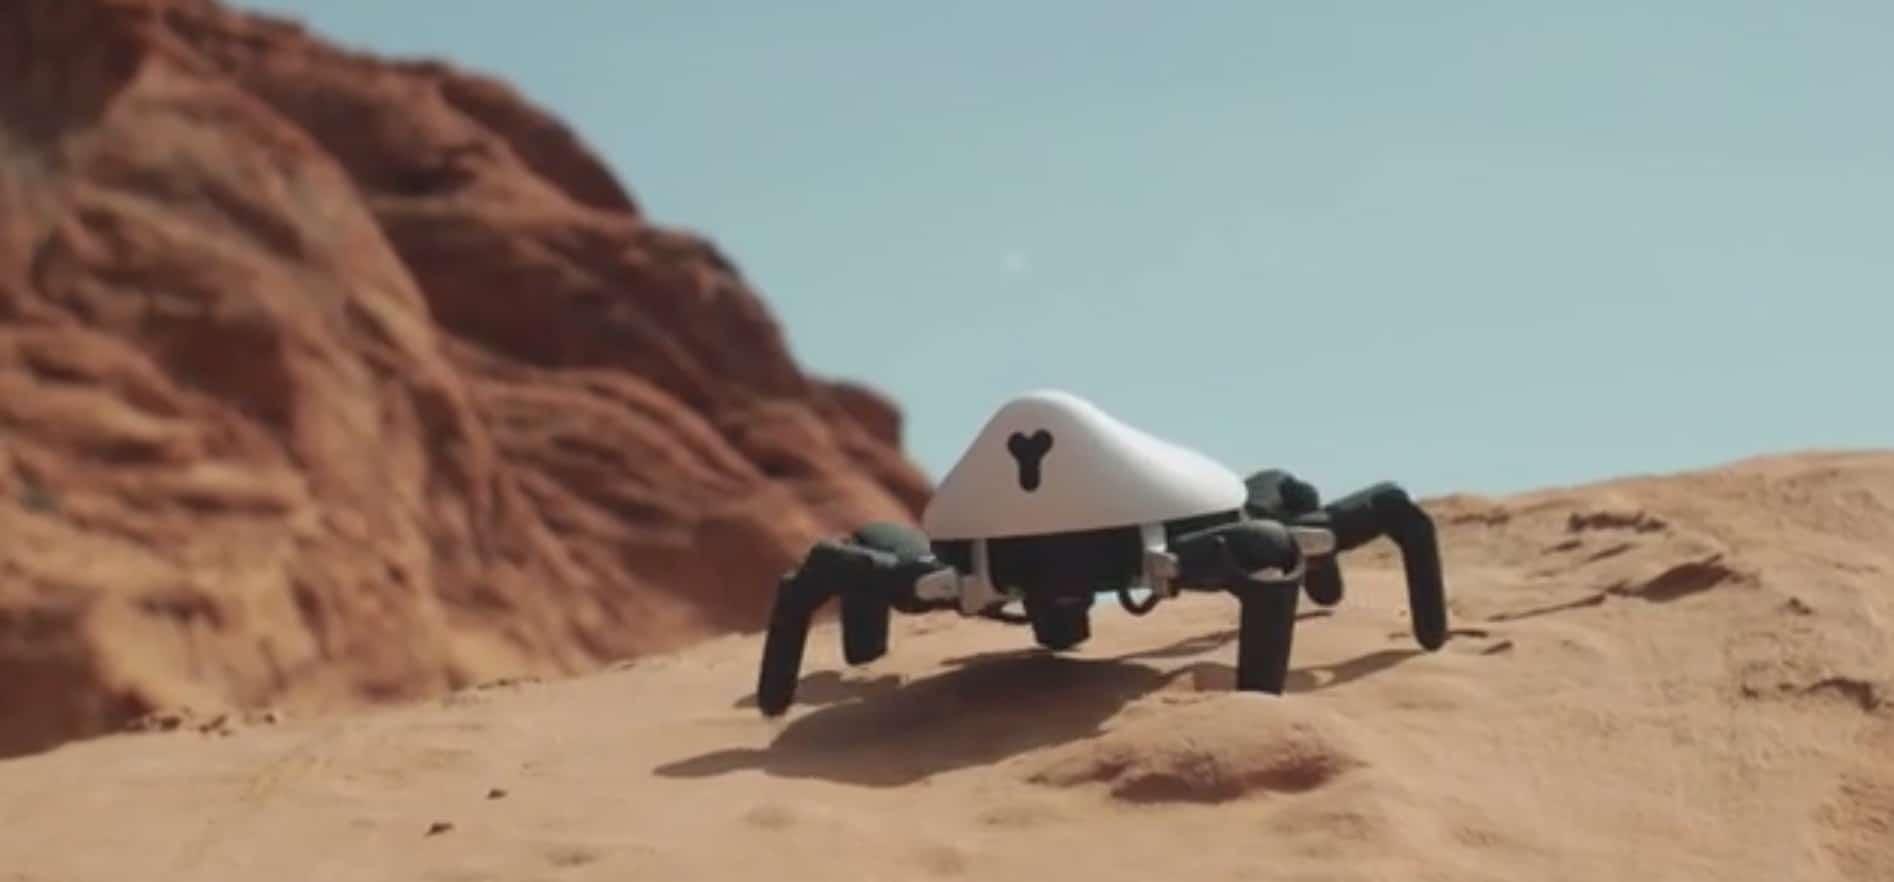 Hexa: Roboter-Spinne zum Spielen und Programmieren